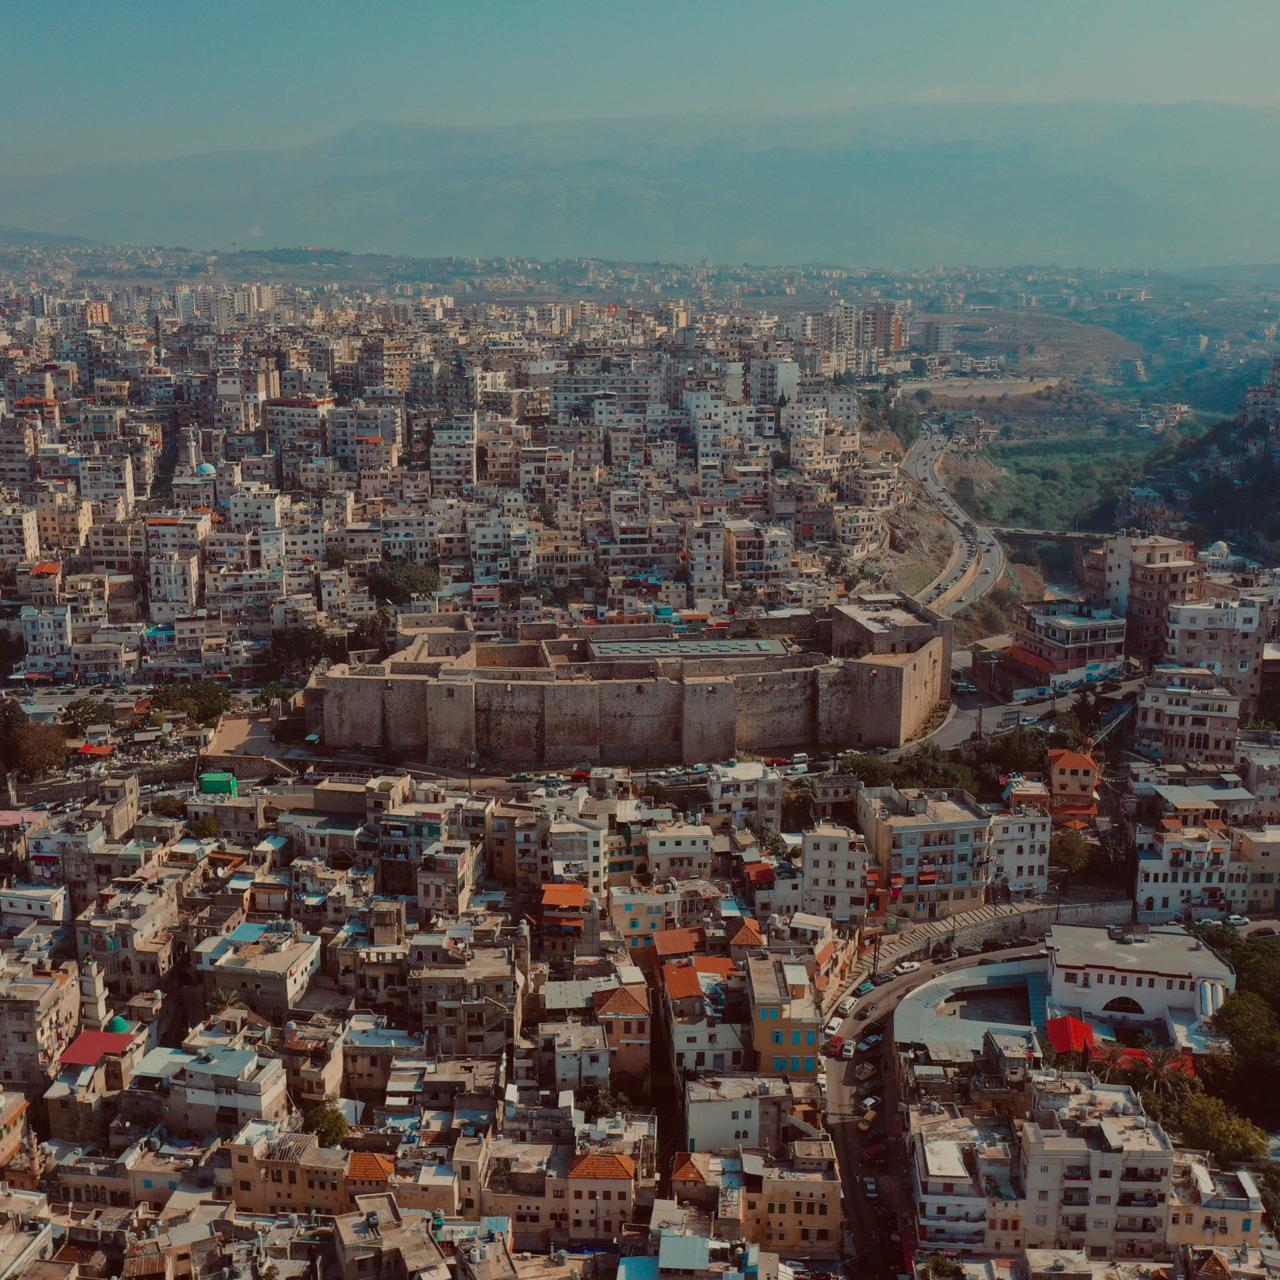 مدينة طرابلس بعد إزالة صور السياسيين (عمر العمادي)